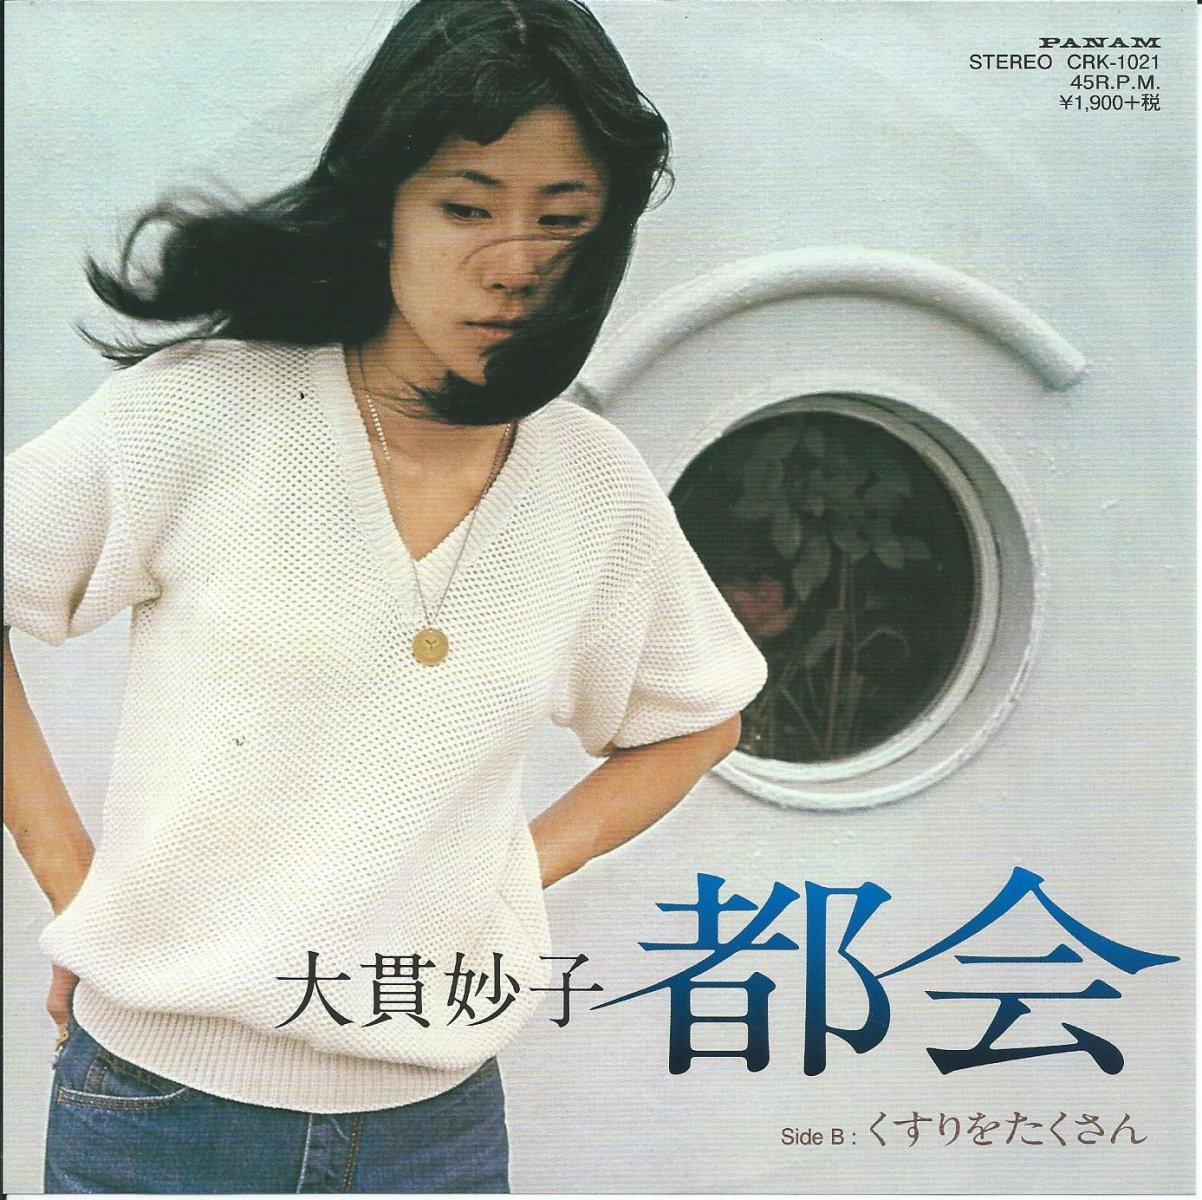 大貫妙子 TAEKO OHNUKI / 都会 / くすりをたくさん (7